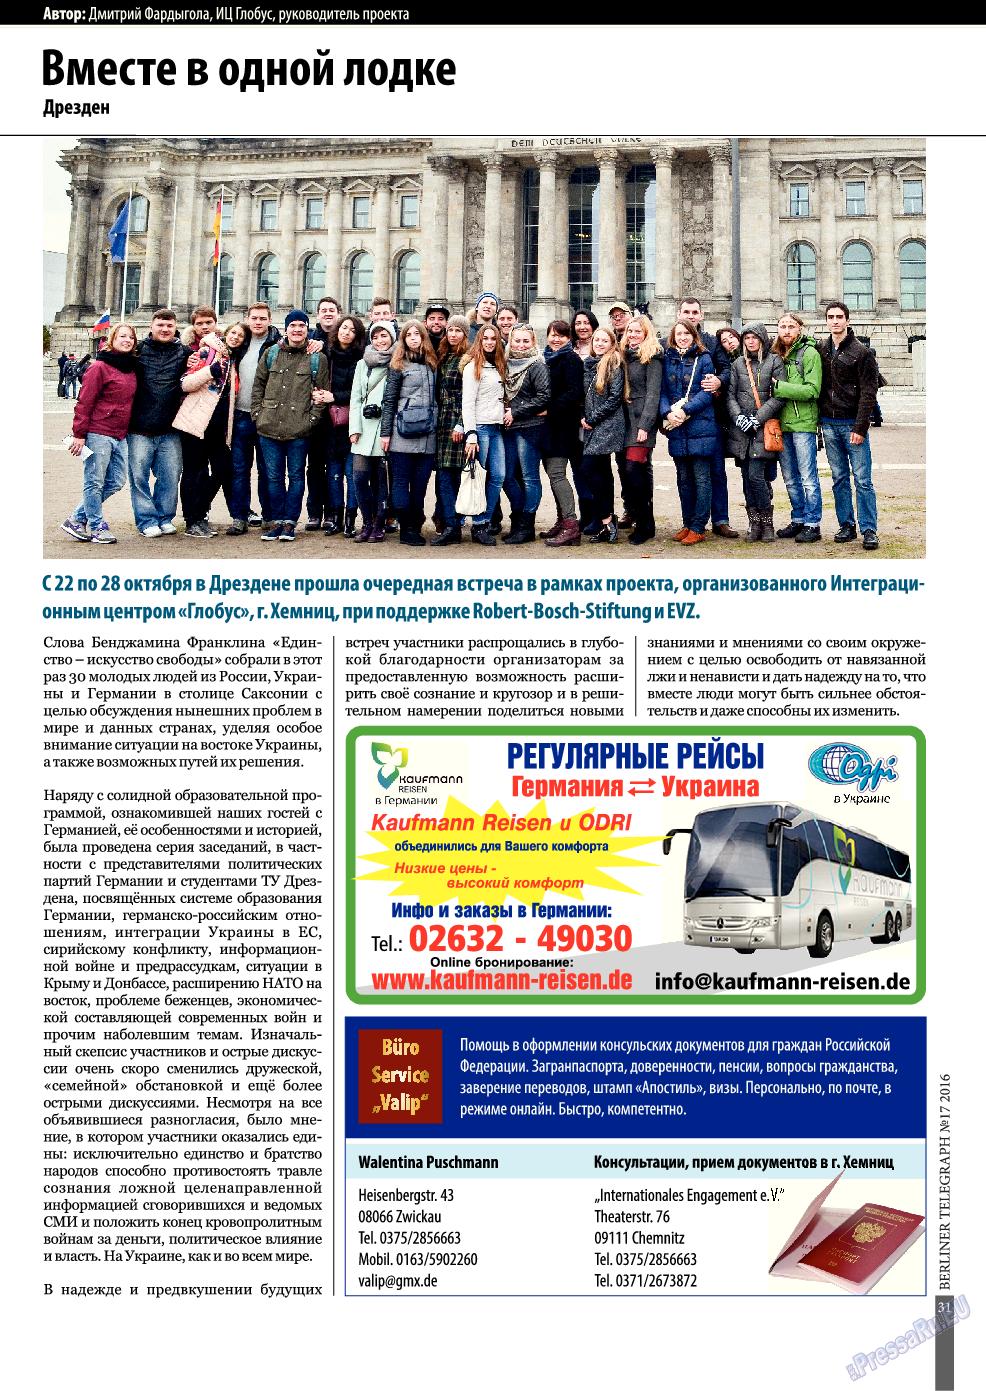 Берлинский телеграф (журнал). 2016 год, номер 17, стр. 31